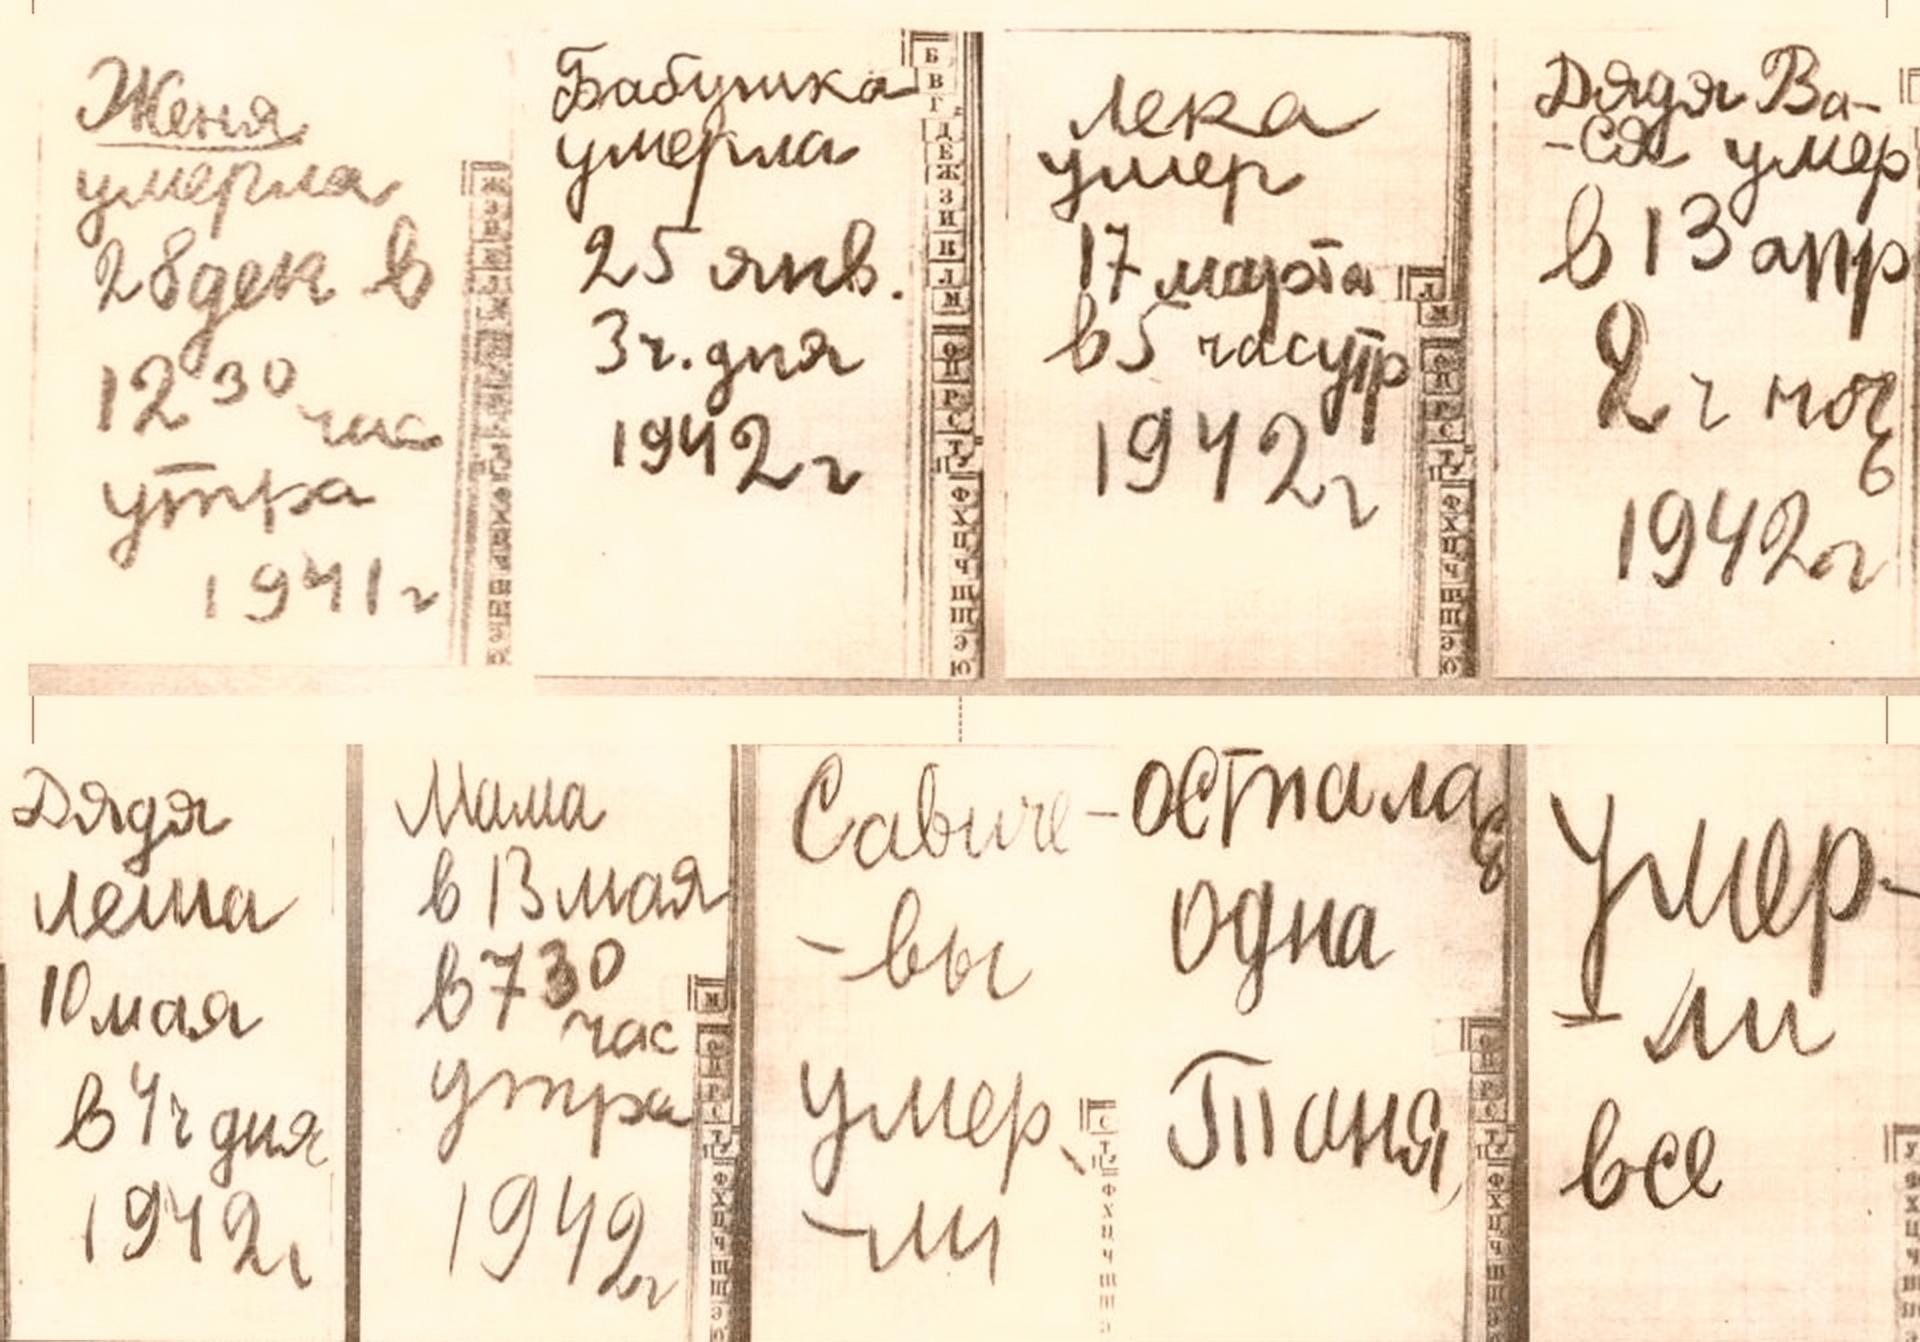 В Тверской области проходят встречи и акции для школьников, посвященные блокаде Ленинграда